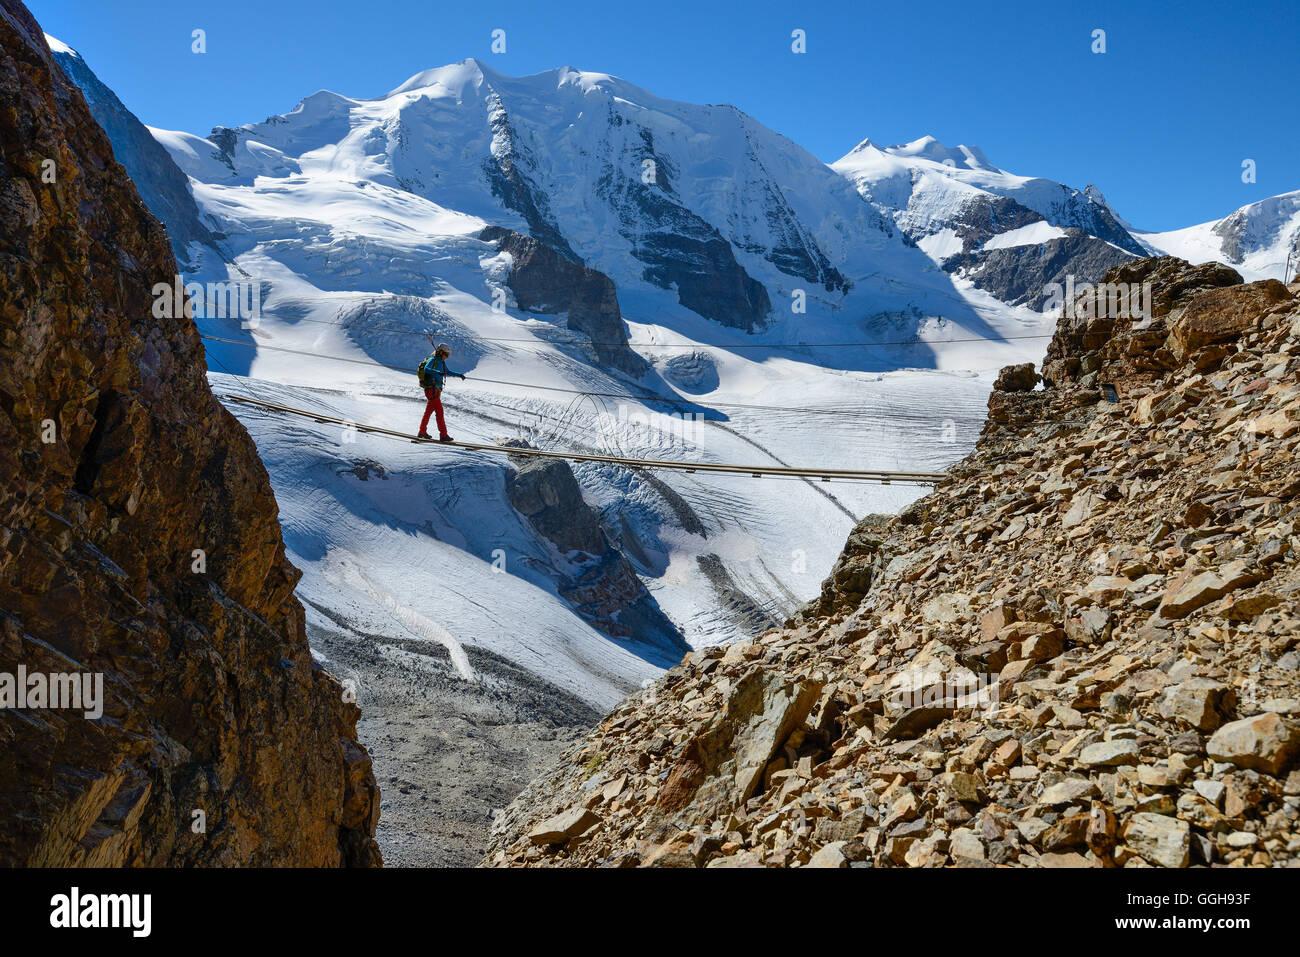 Klettersteig Piz Trovat : Frau auf einer hängebrücke klettern die klettersteige am piz